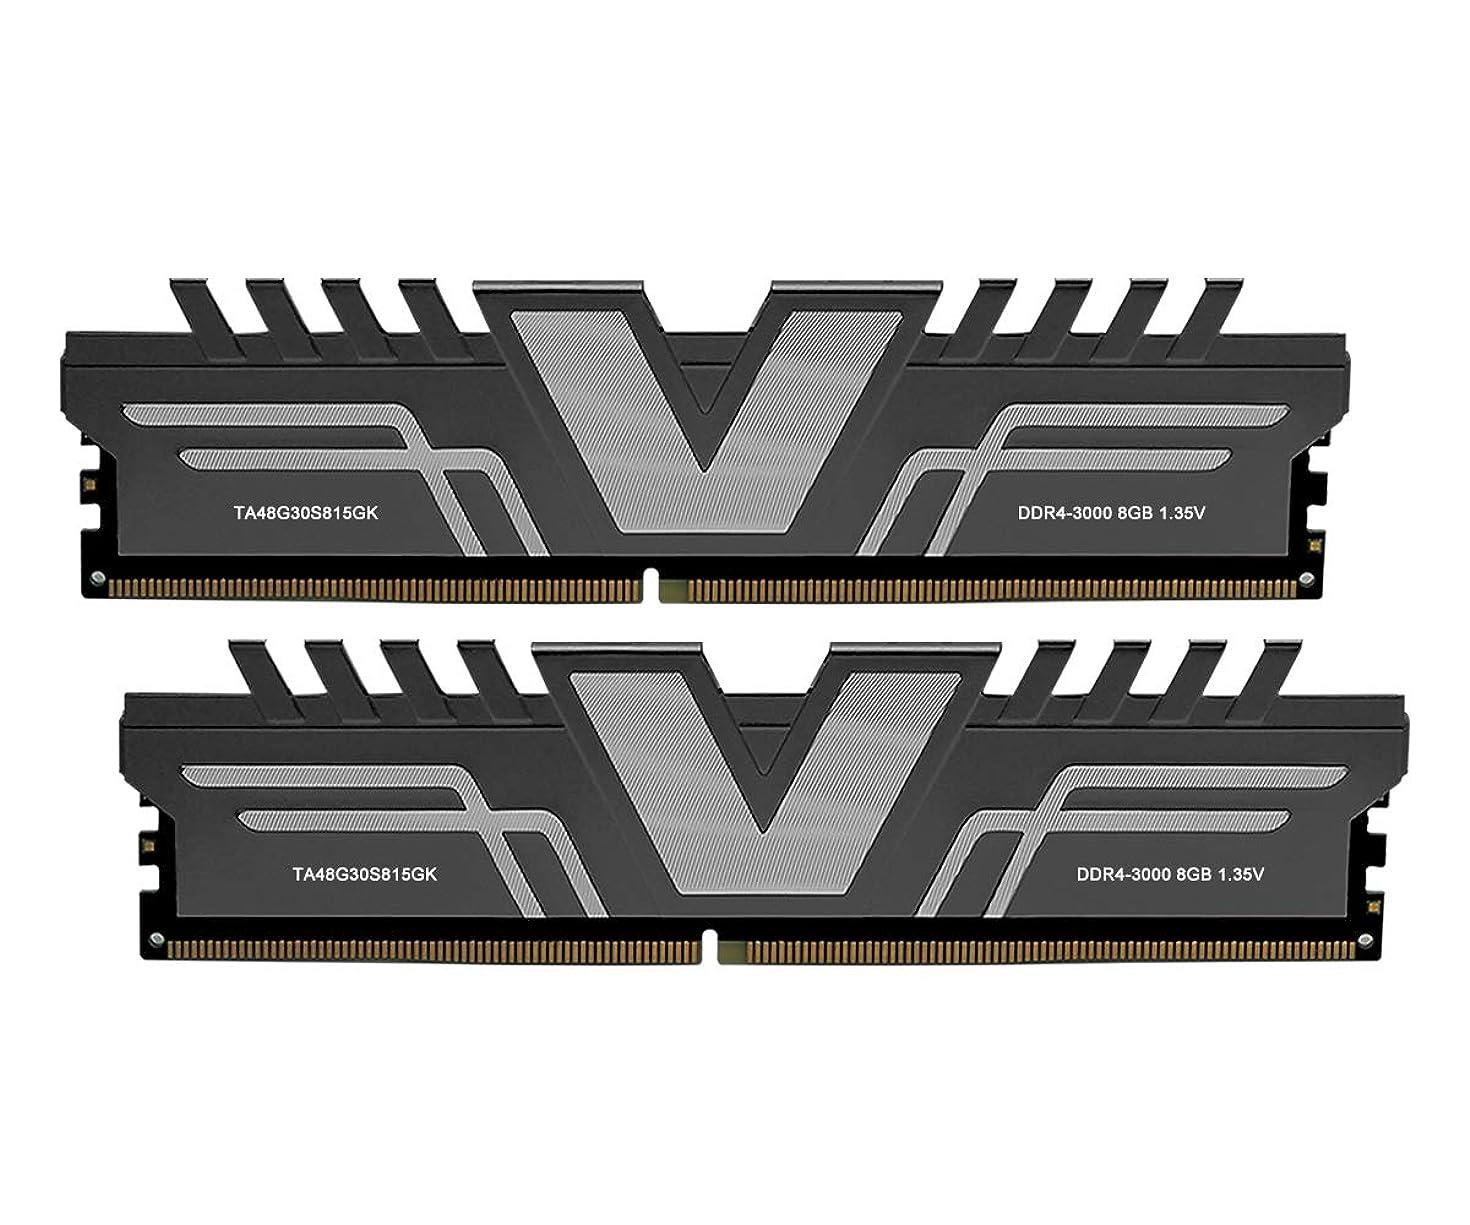 V-Color Skywalker Series 16GB (2 x 8GB) DDR4 DRAM 3000MHz (PC4-24000) CL15 1.35V Desktop Memory Model Grey (TA48G30S815GK)